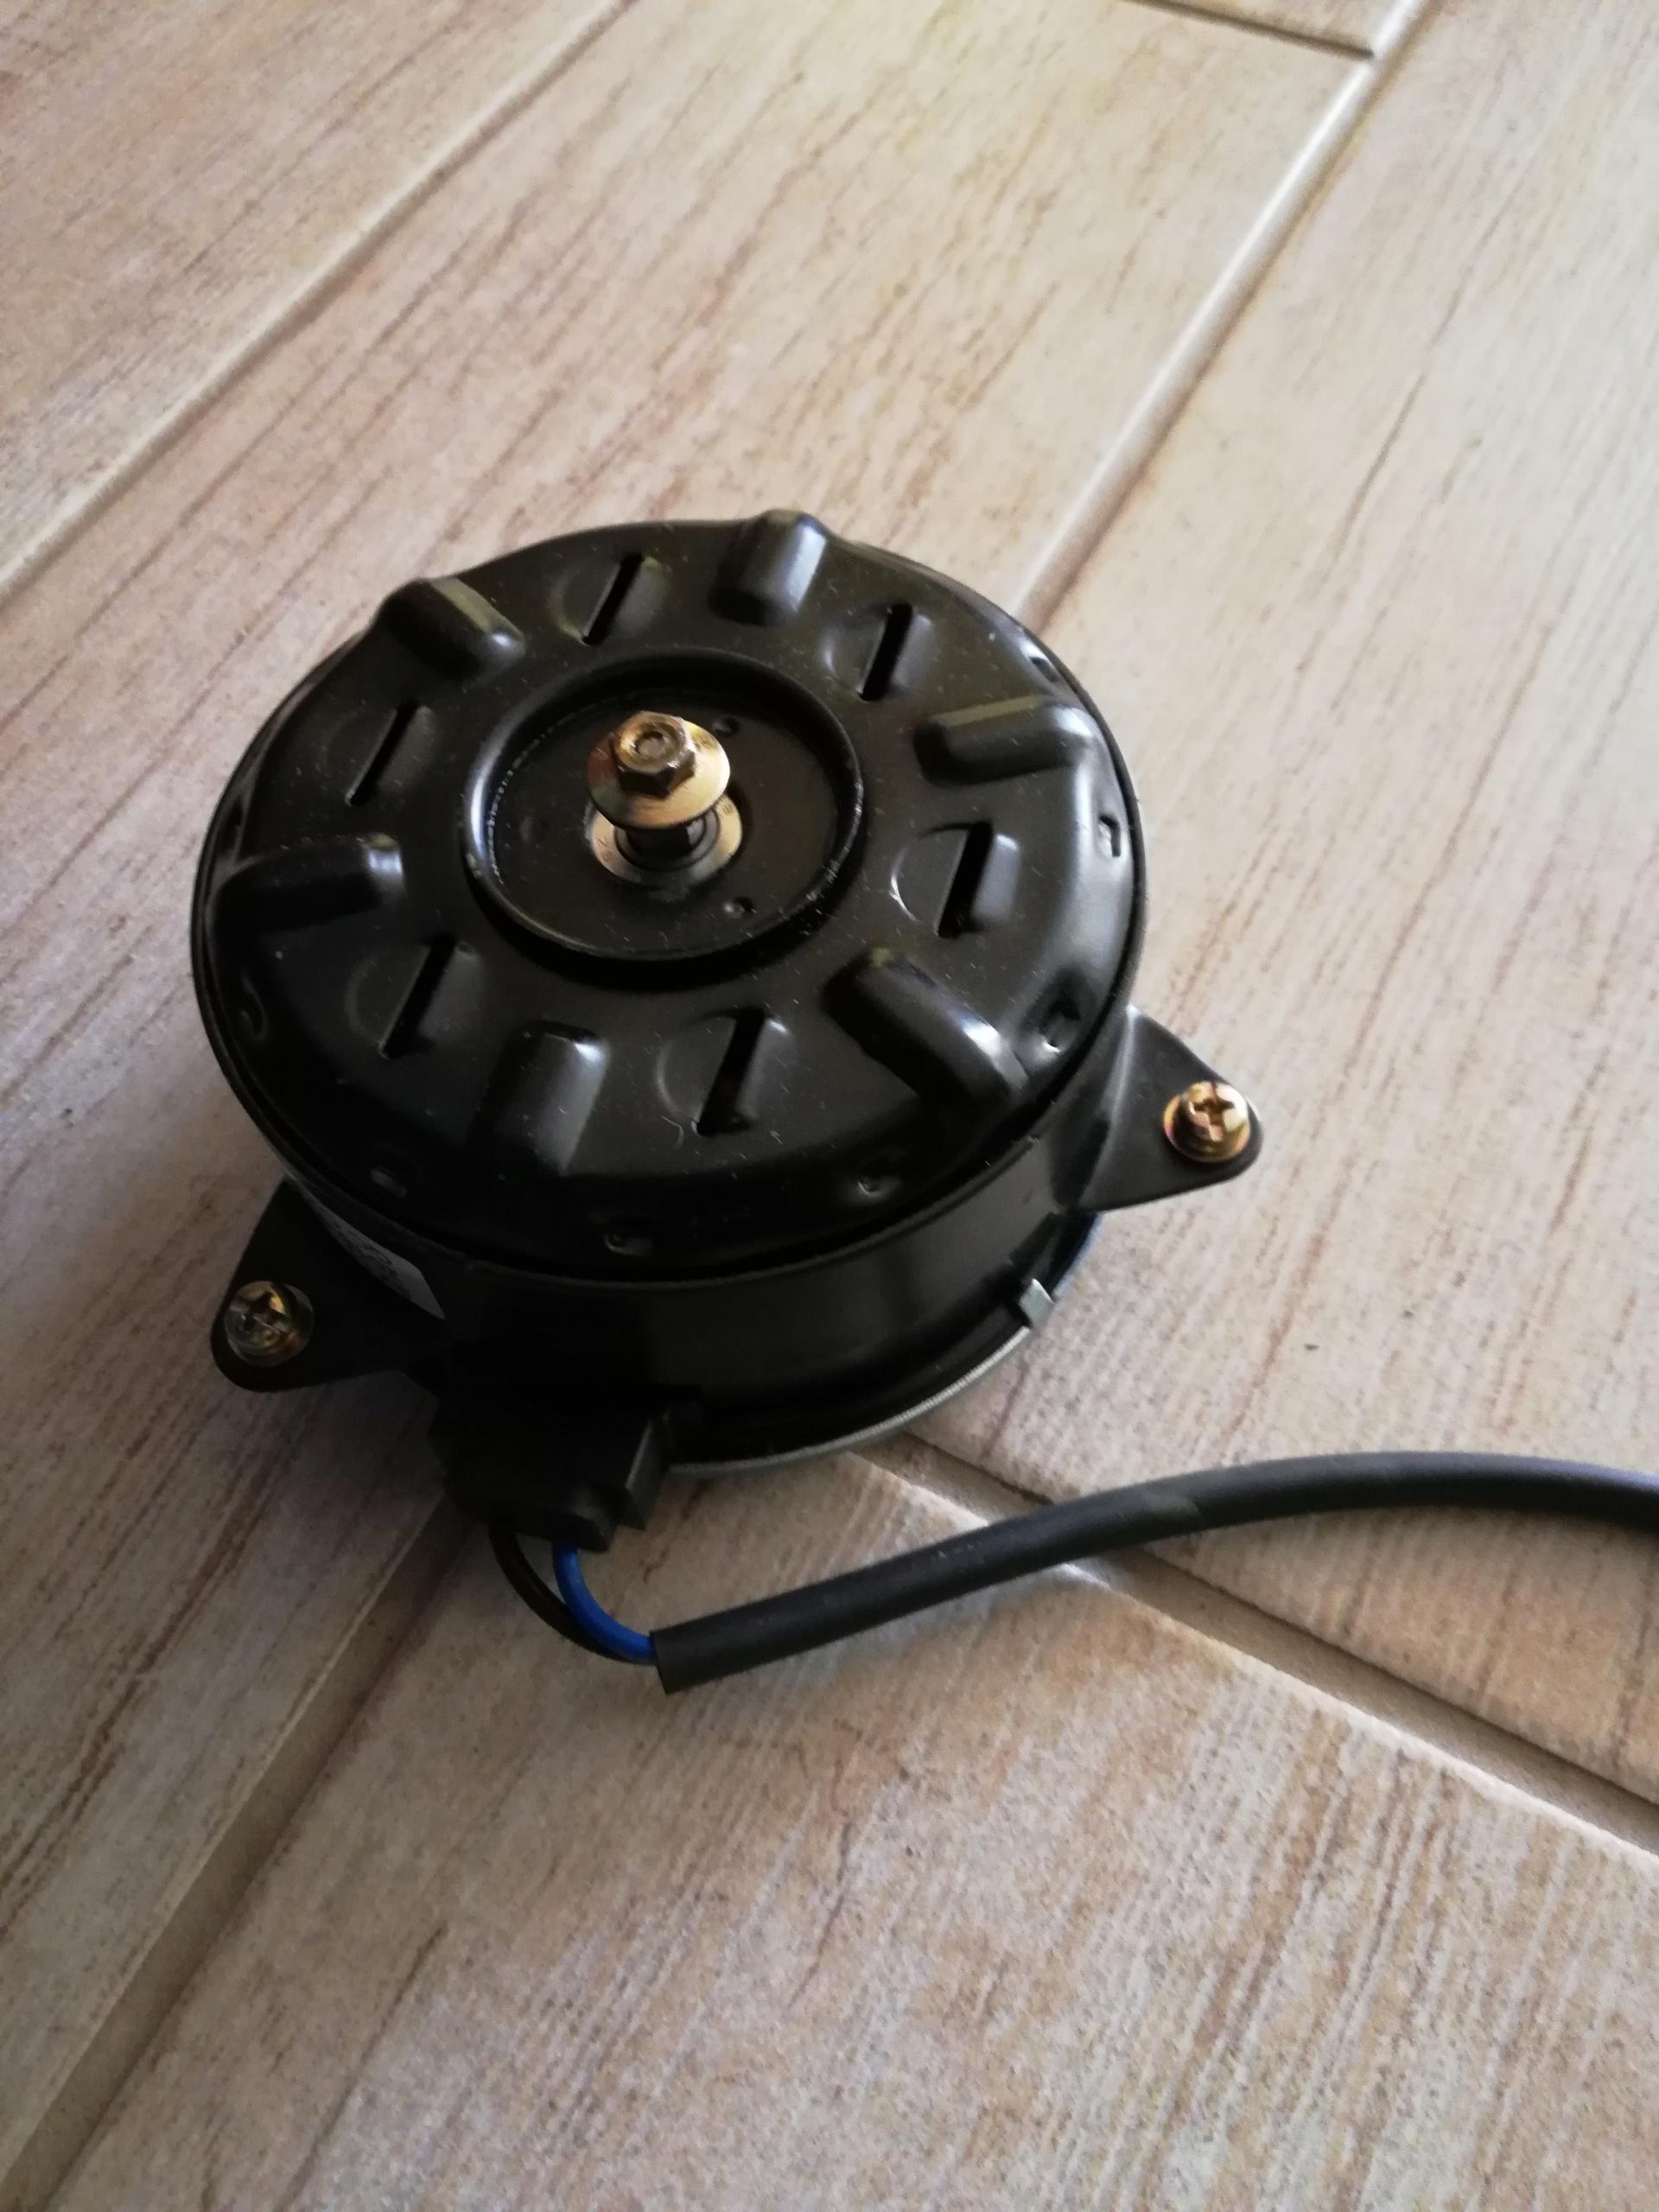 двигатель вентилятора кондиционирования воздуха discovery 2 ii